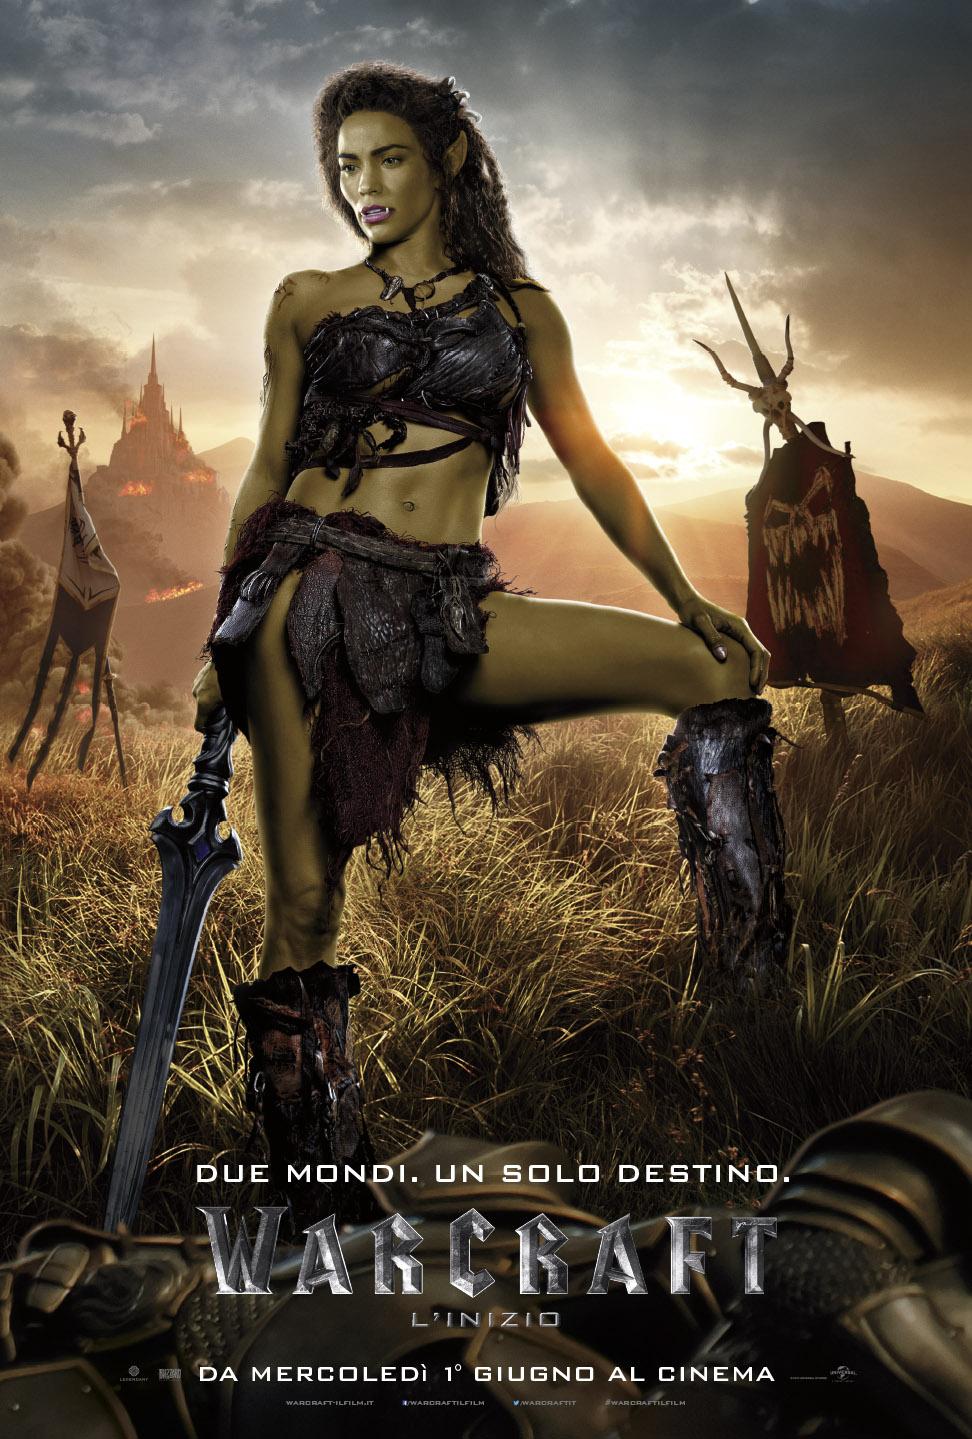 Warcraft - L'inizio: il character poster italiano di Garona